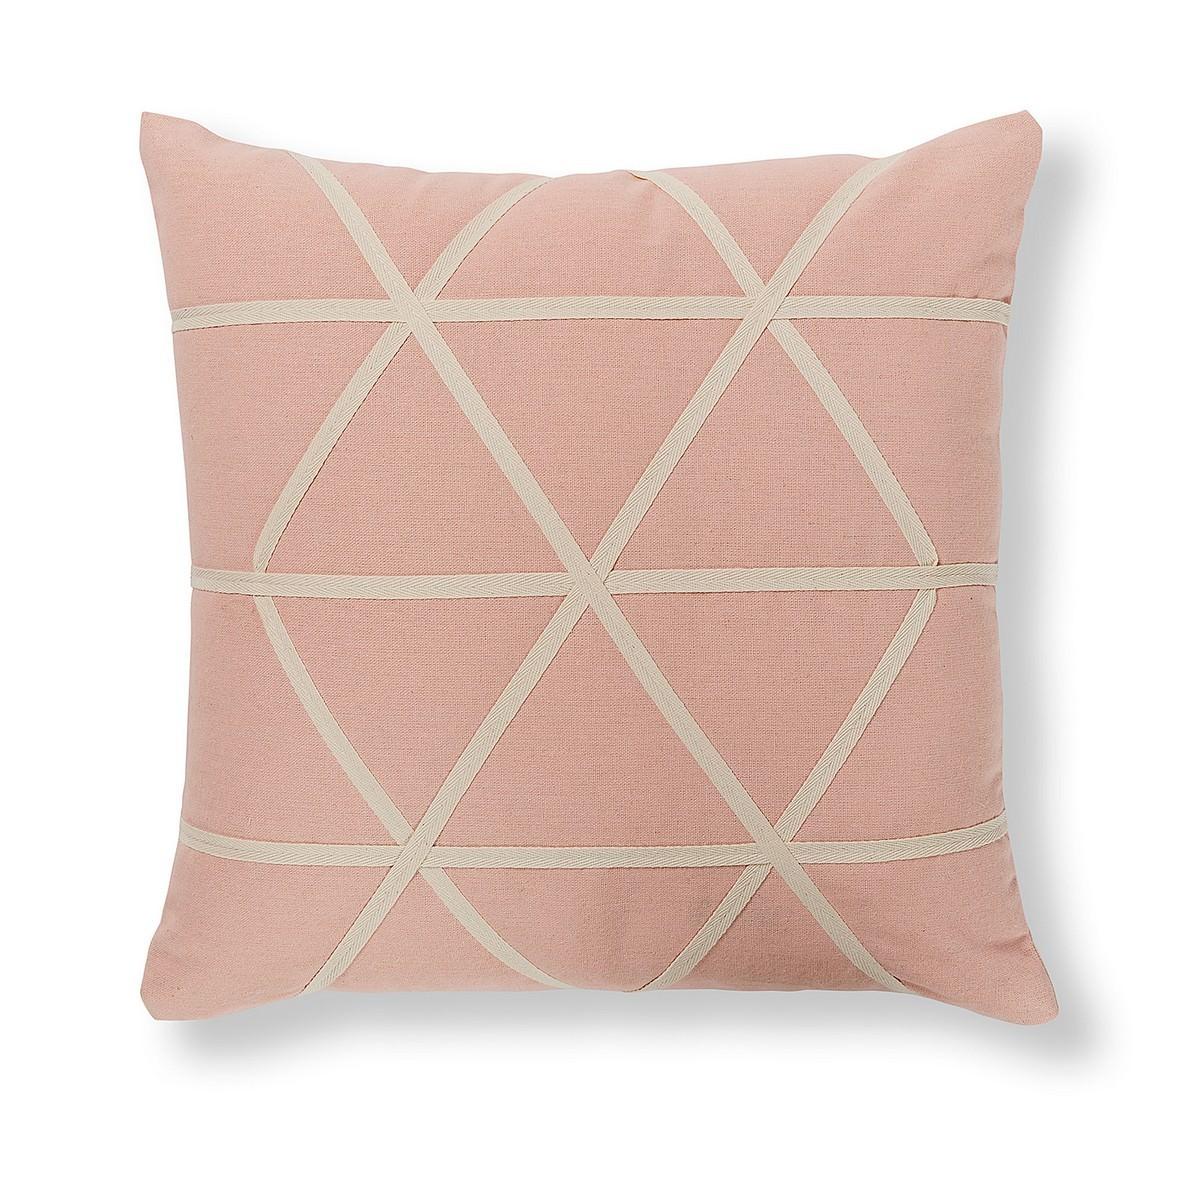 Farina Fabric Scatter Cushion, Blush